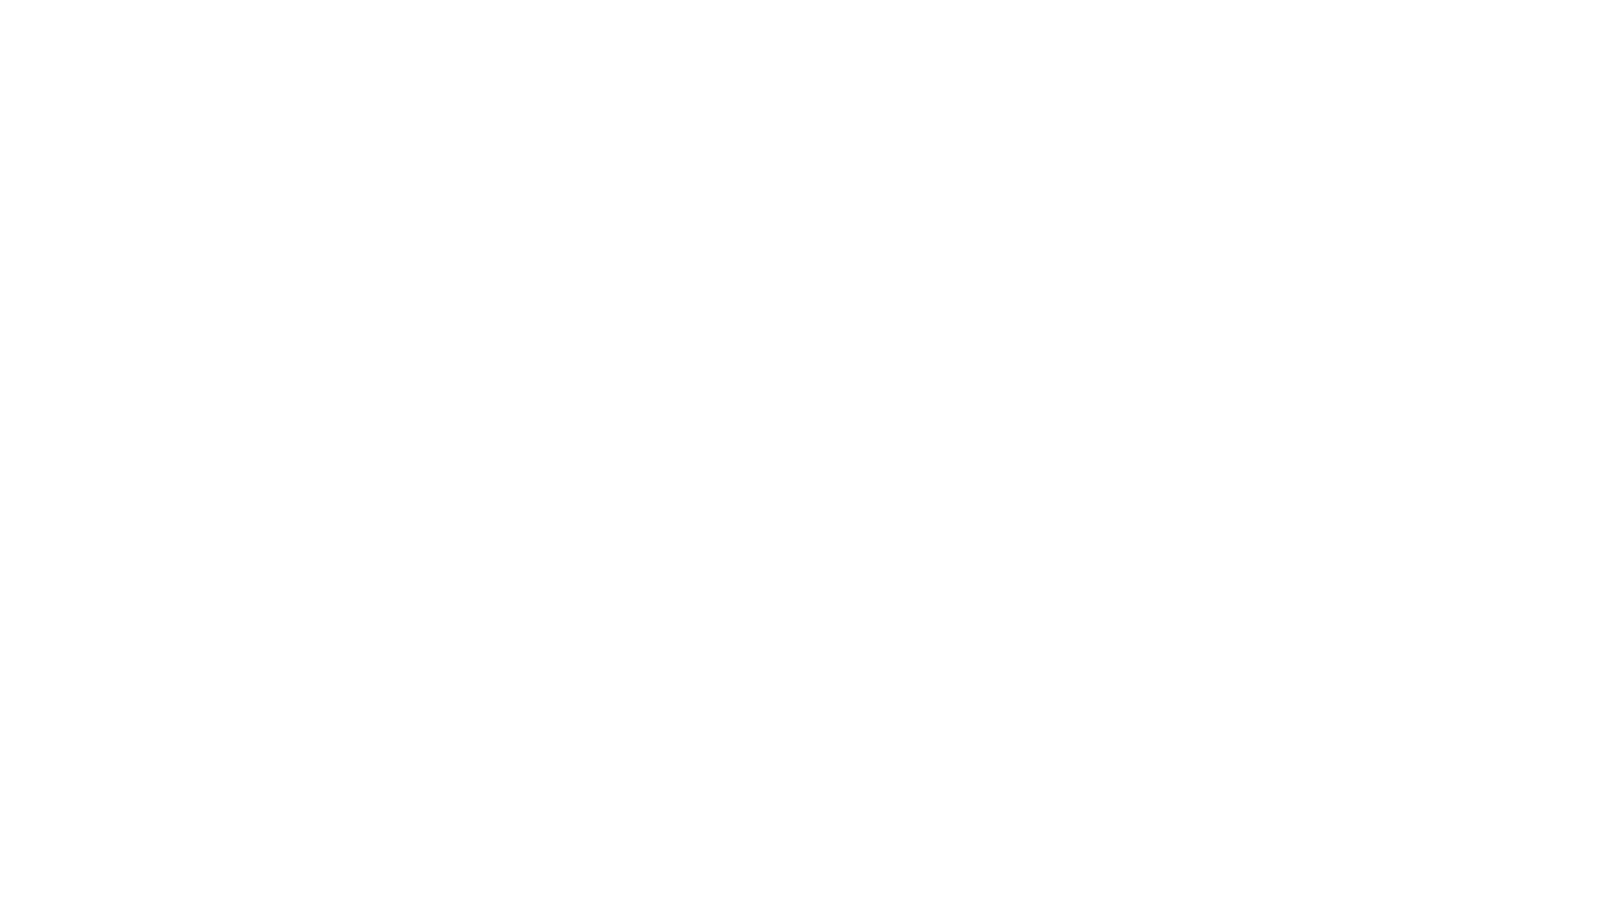 Menteri HUKUM dan HAM Yasona Laoly membentuk tim untuk tangani kebakaran di Lapas Tangerang diantaranya Tim 1: Tim Identifikasi Tim 2: Tim Pemulasaran, Pemakaman, Pengantaran Tim 3: Pemulihan keluarga Tim 4: Kordinasi dengan Stack Holder Tim5 : Humas